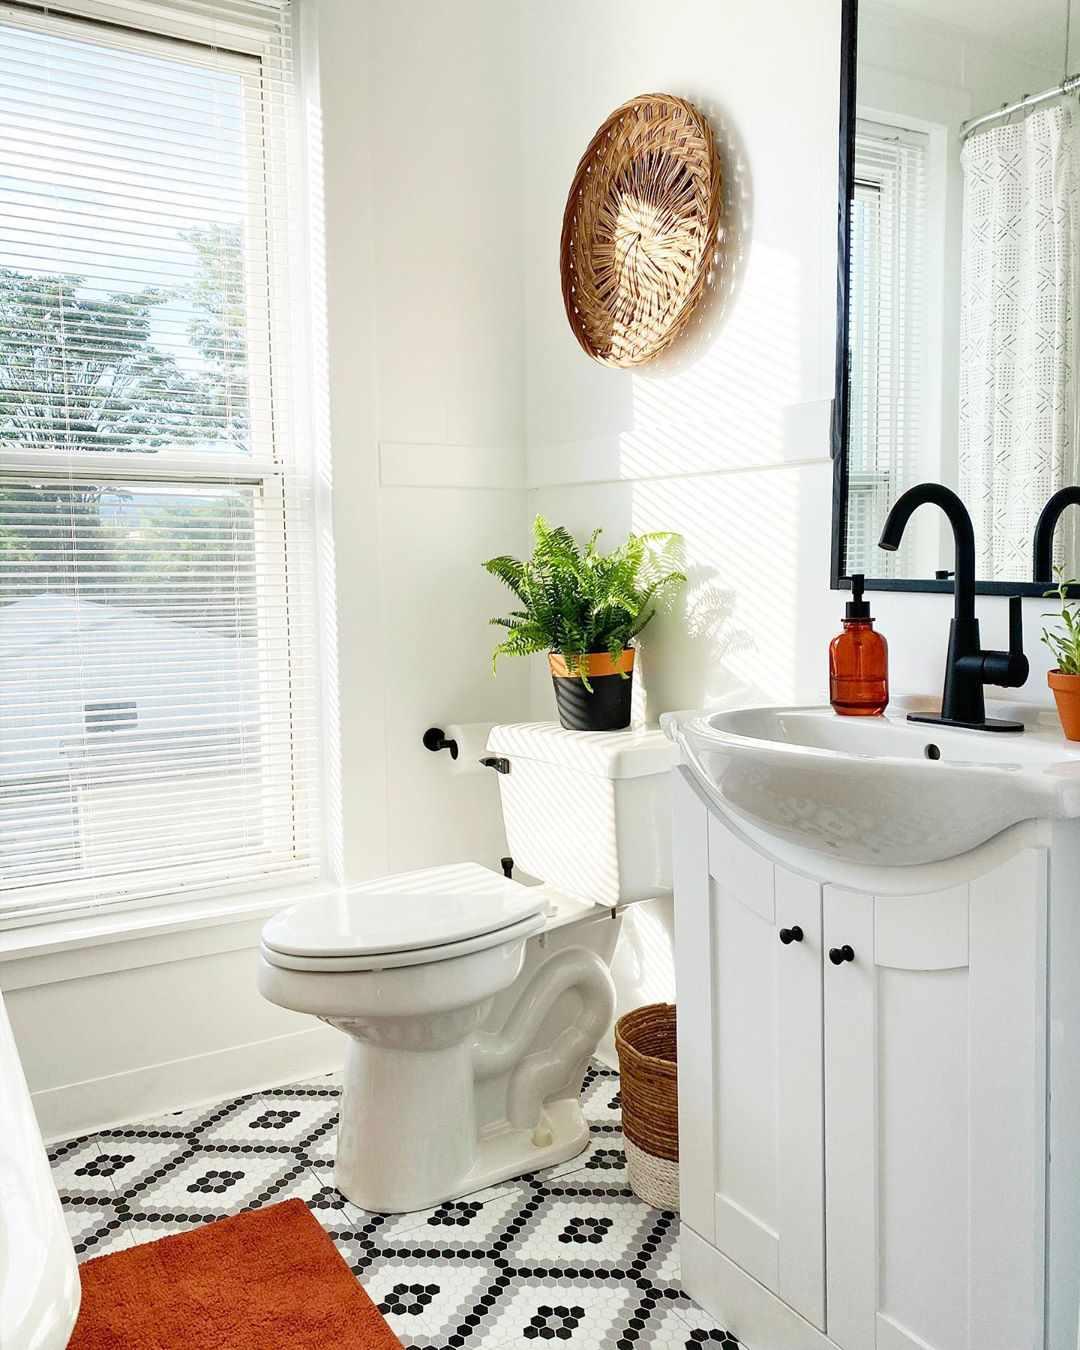 Bathroom with unique penny tile design floor